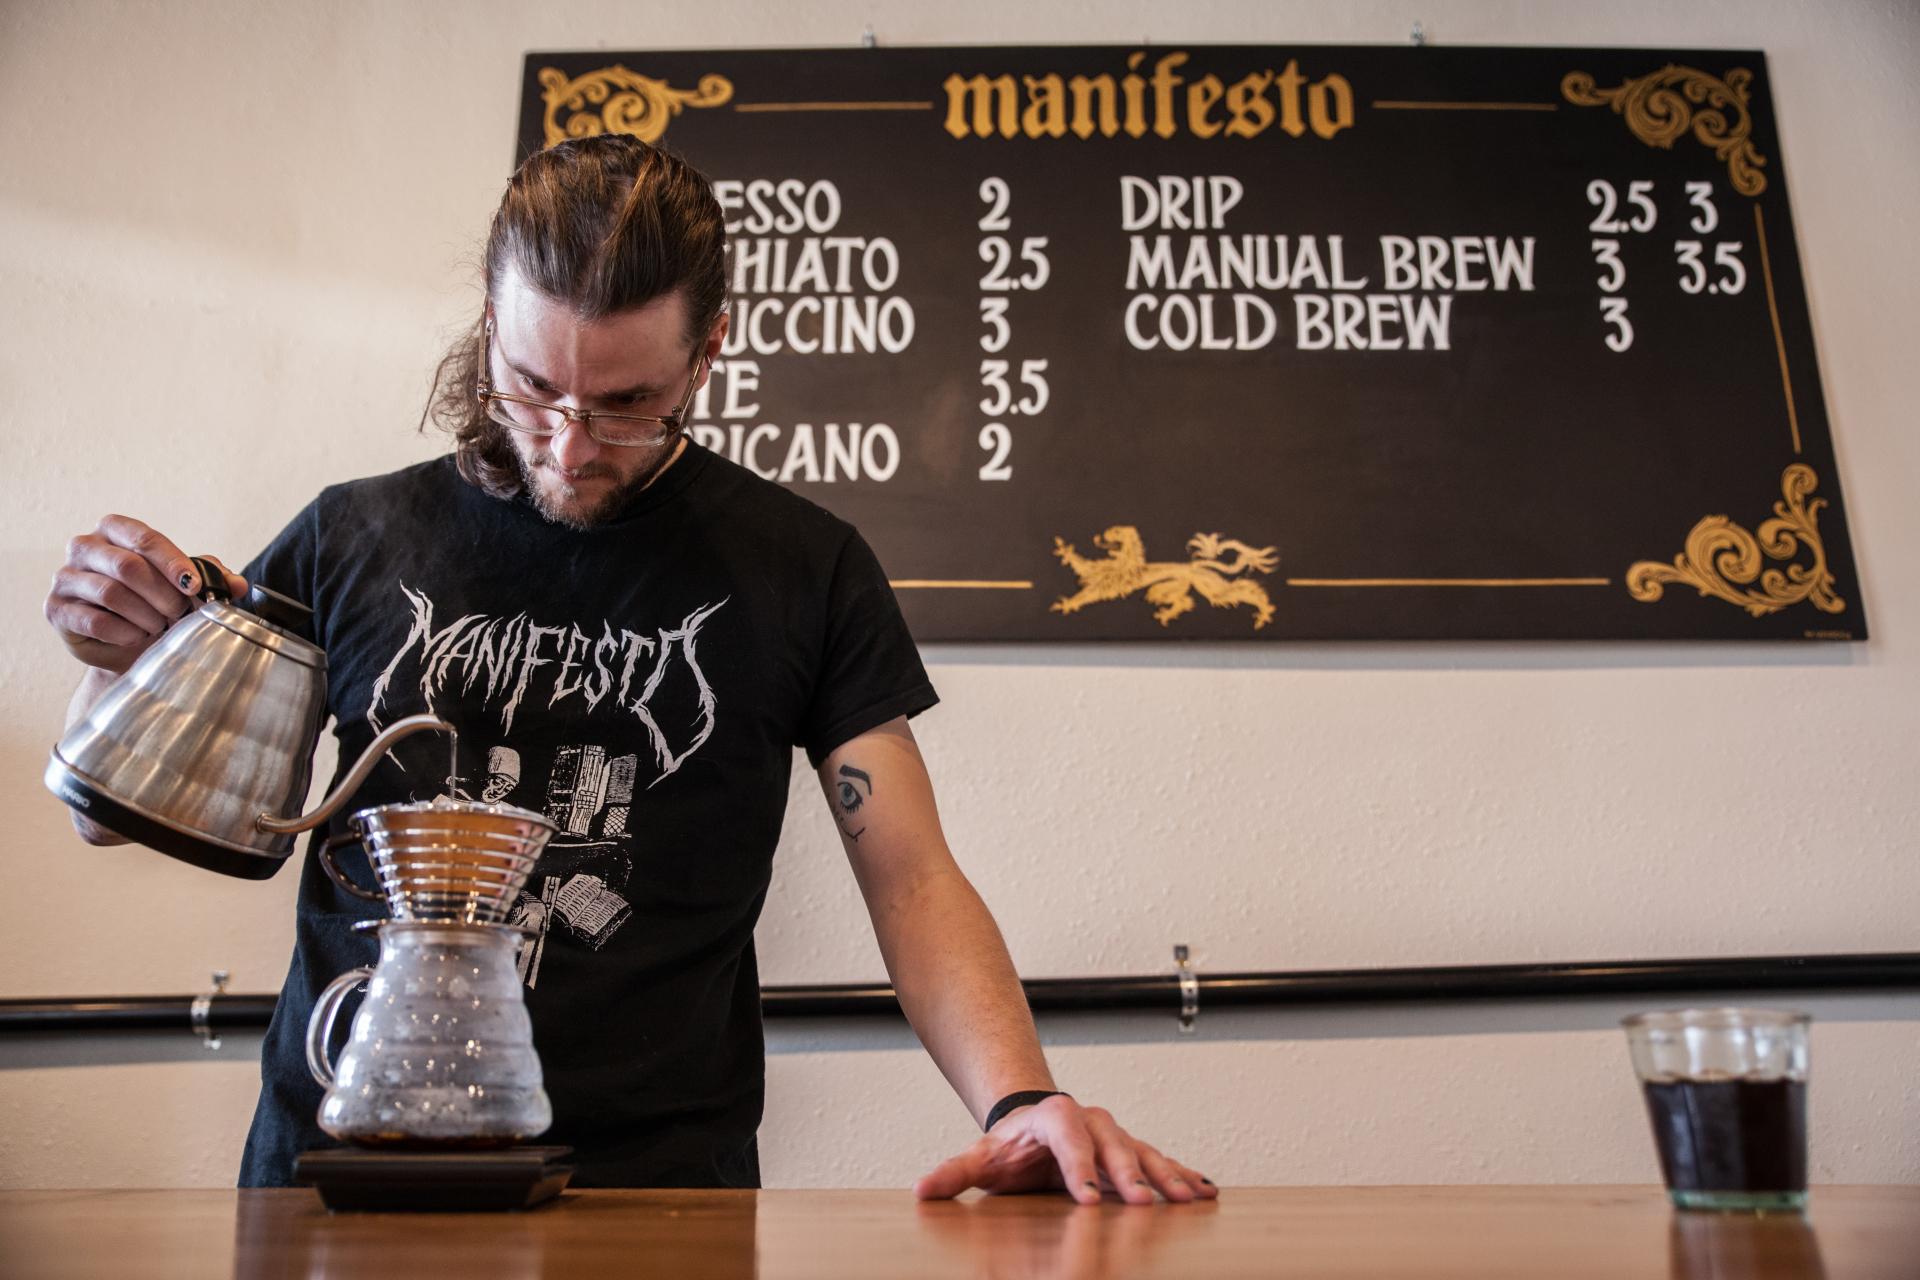 manifesto11